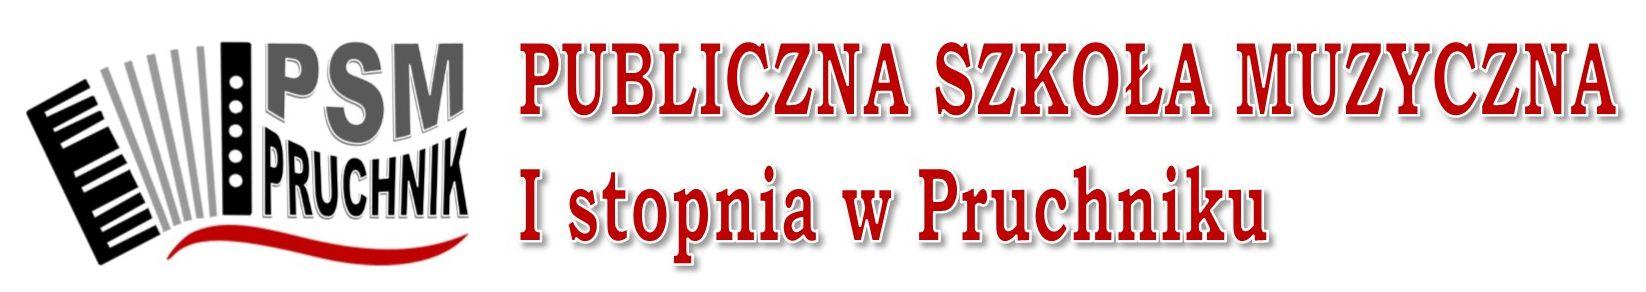 Publiczna Szkoła Muzyczna I st. w Pruchniku